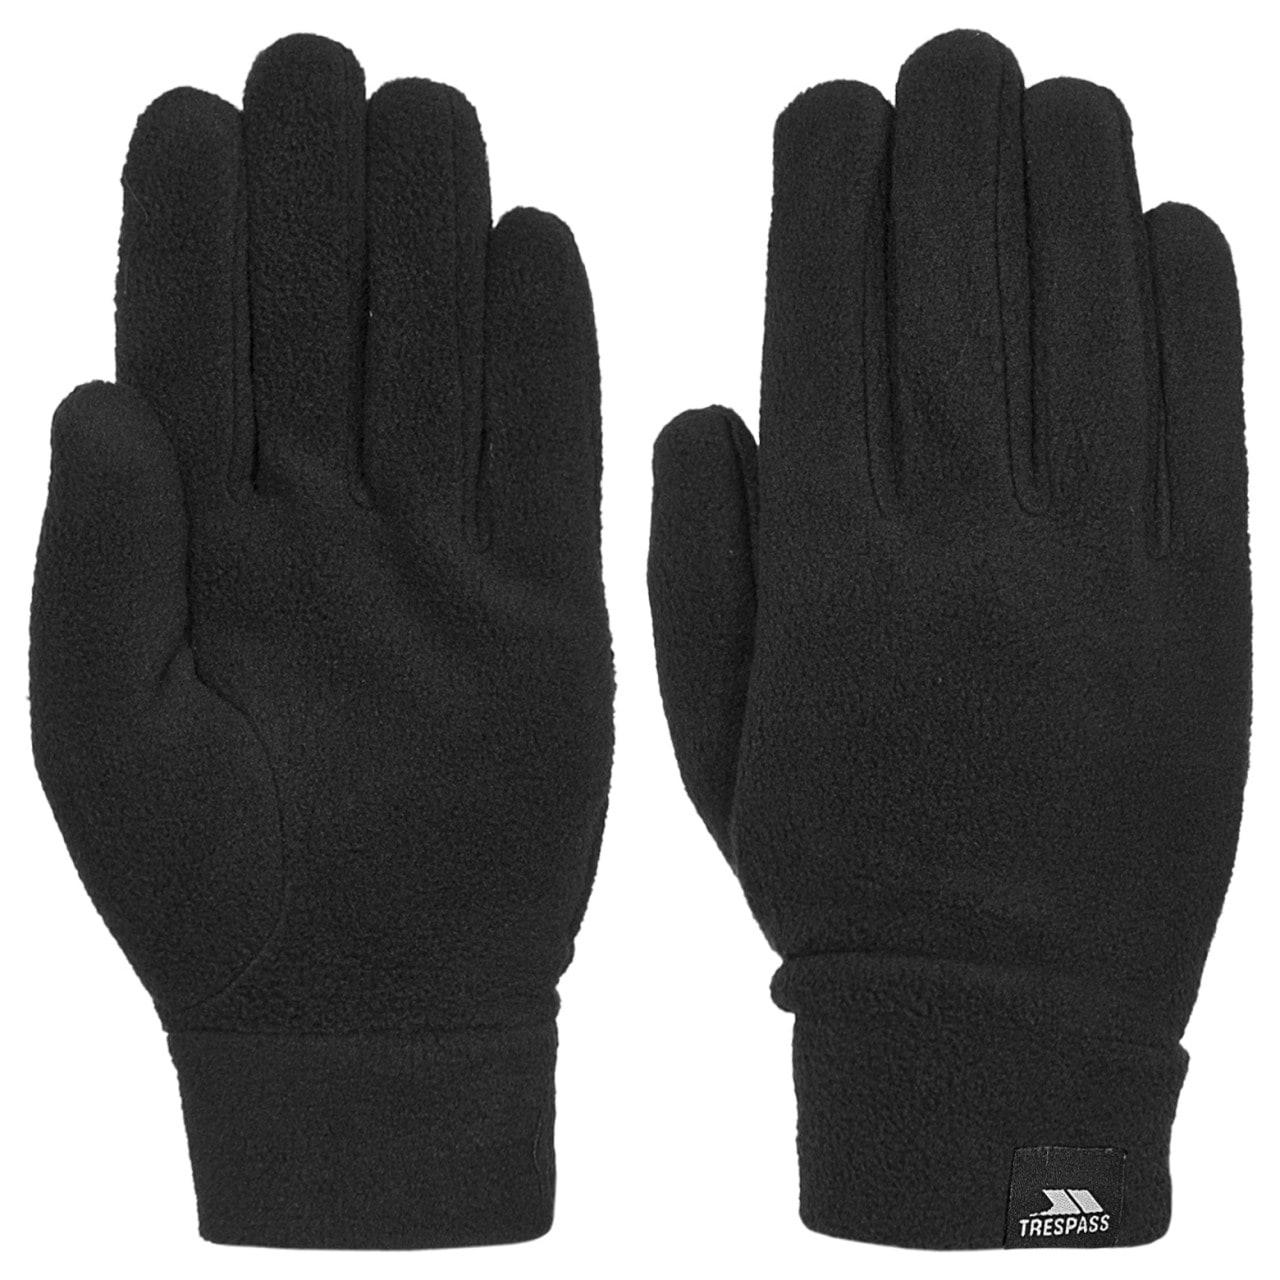 Trespass Fleecehandschuhe Herren Fleece-Handschuhe Gaunt II   Accessoires > Handschuhe > Fleecehandschuhe   Trespass